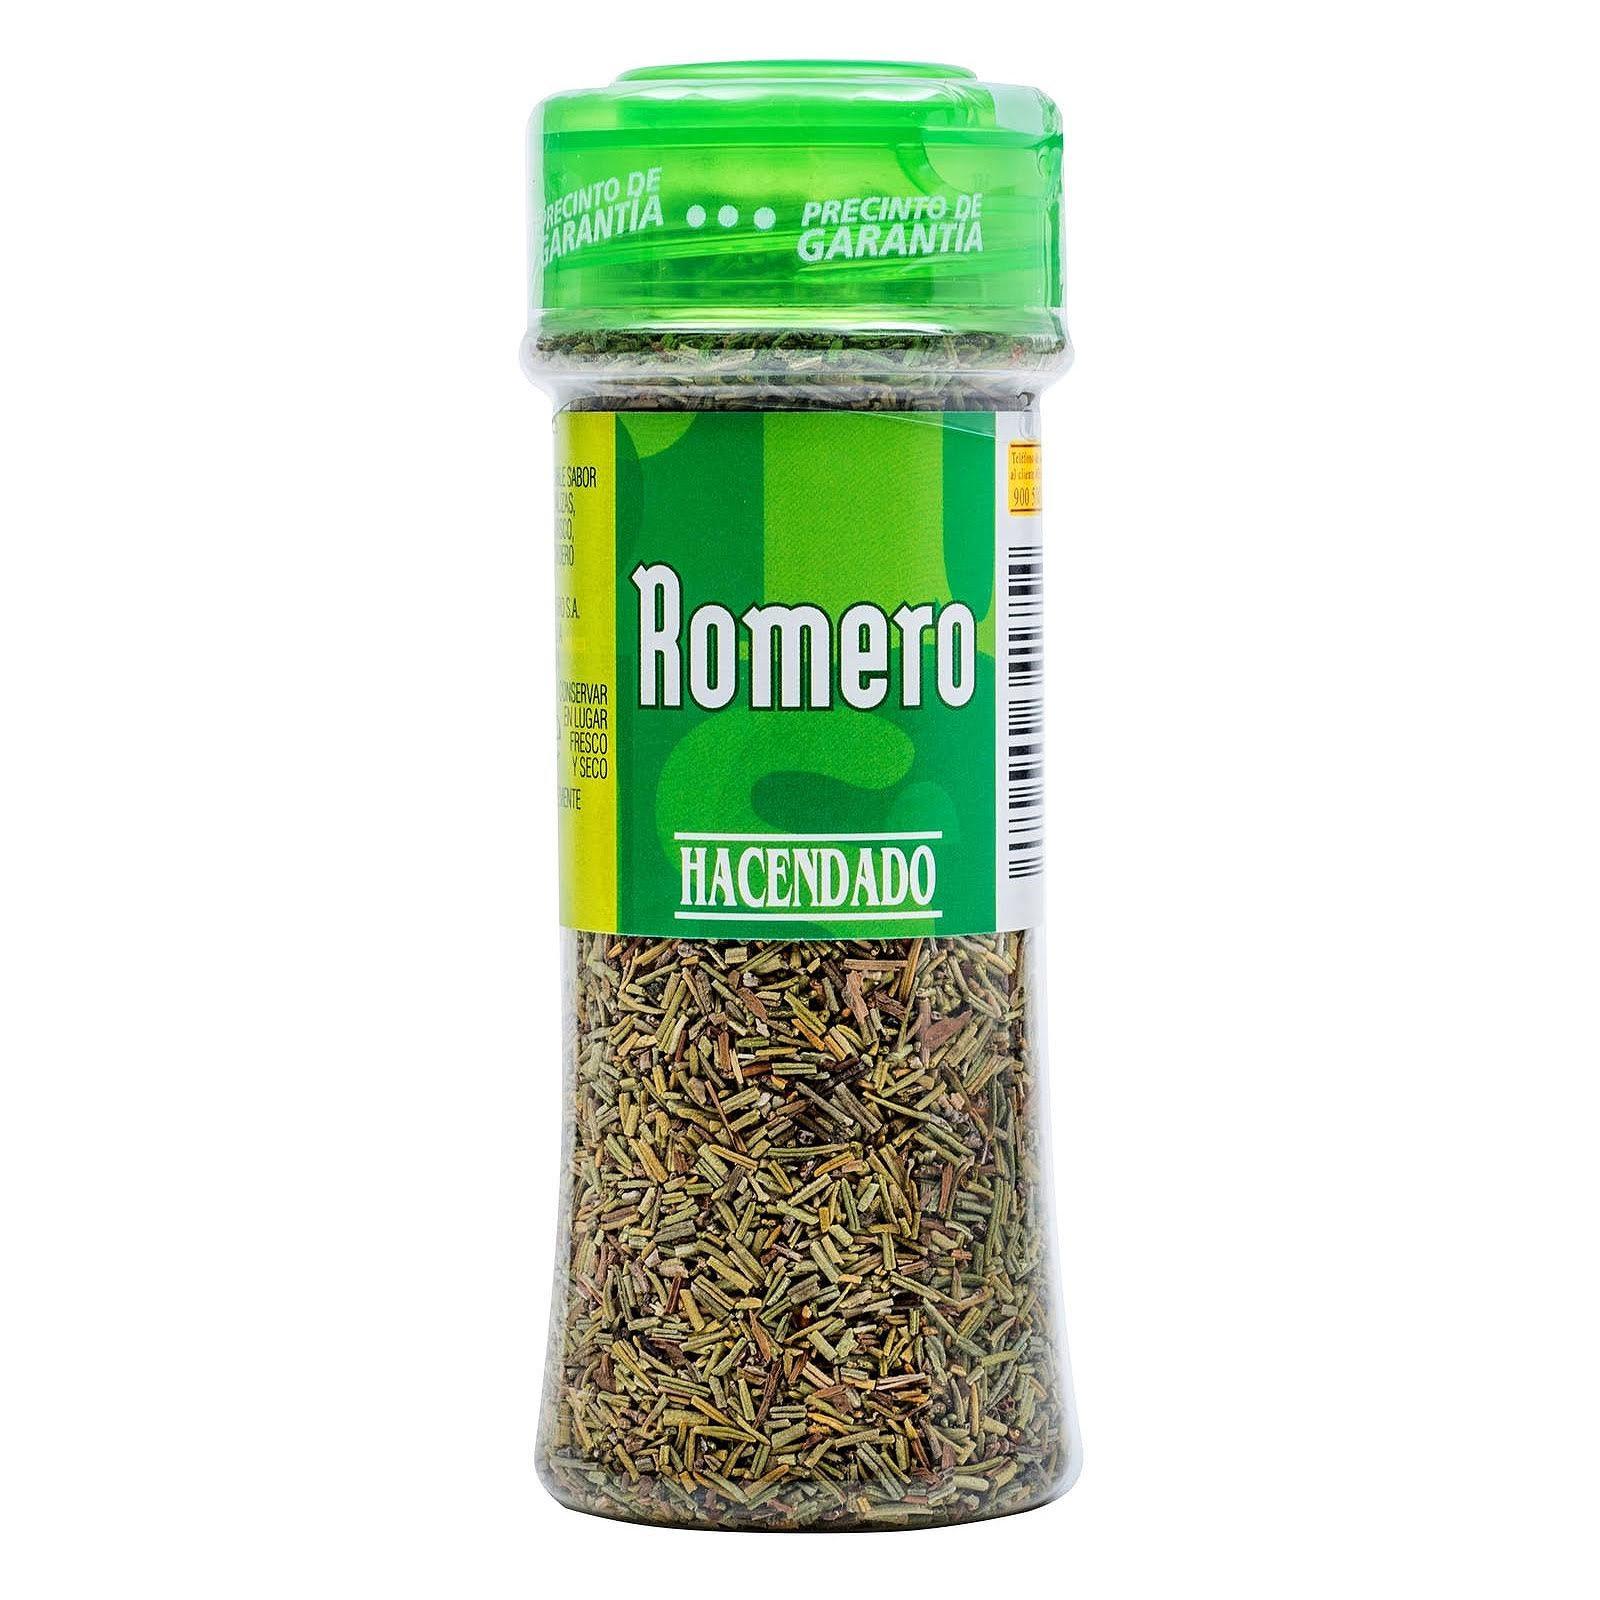 Romero Hacendado